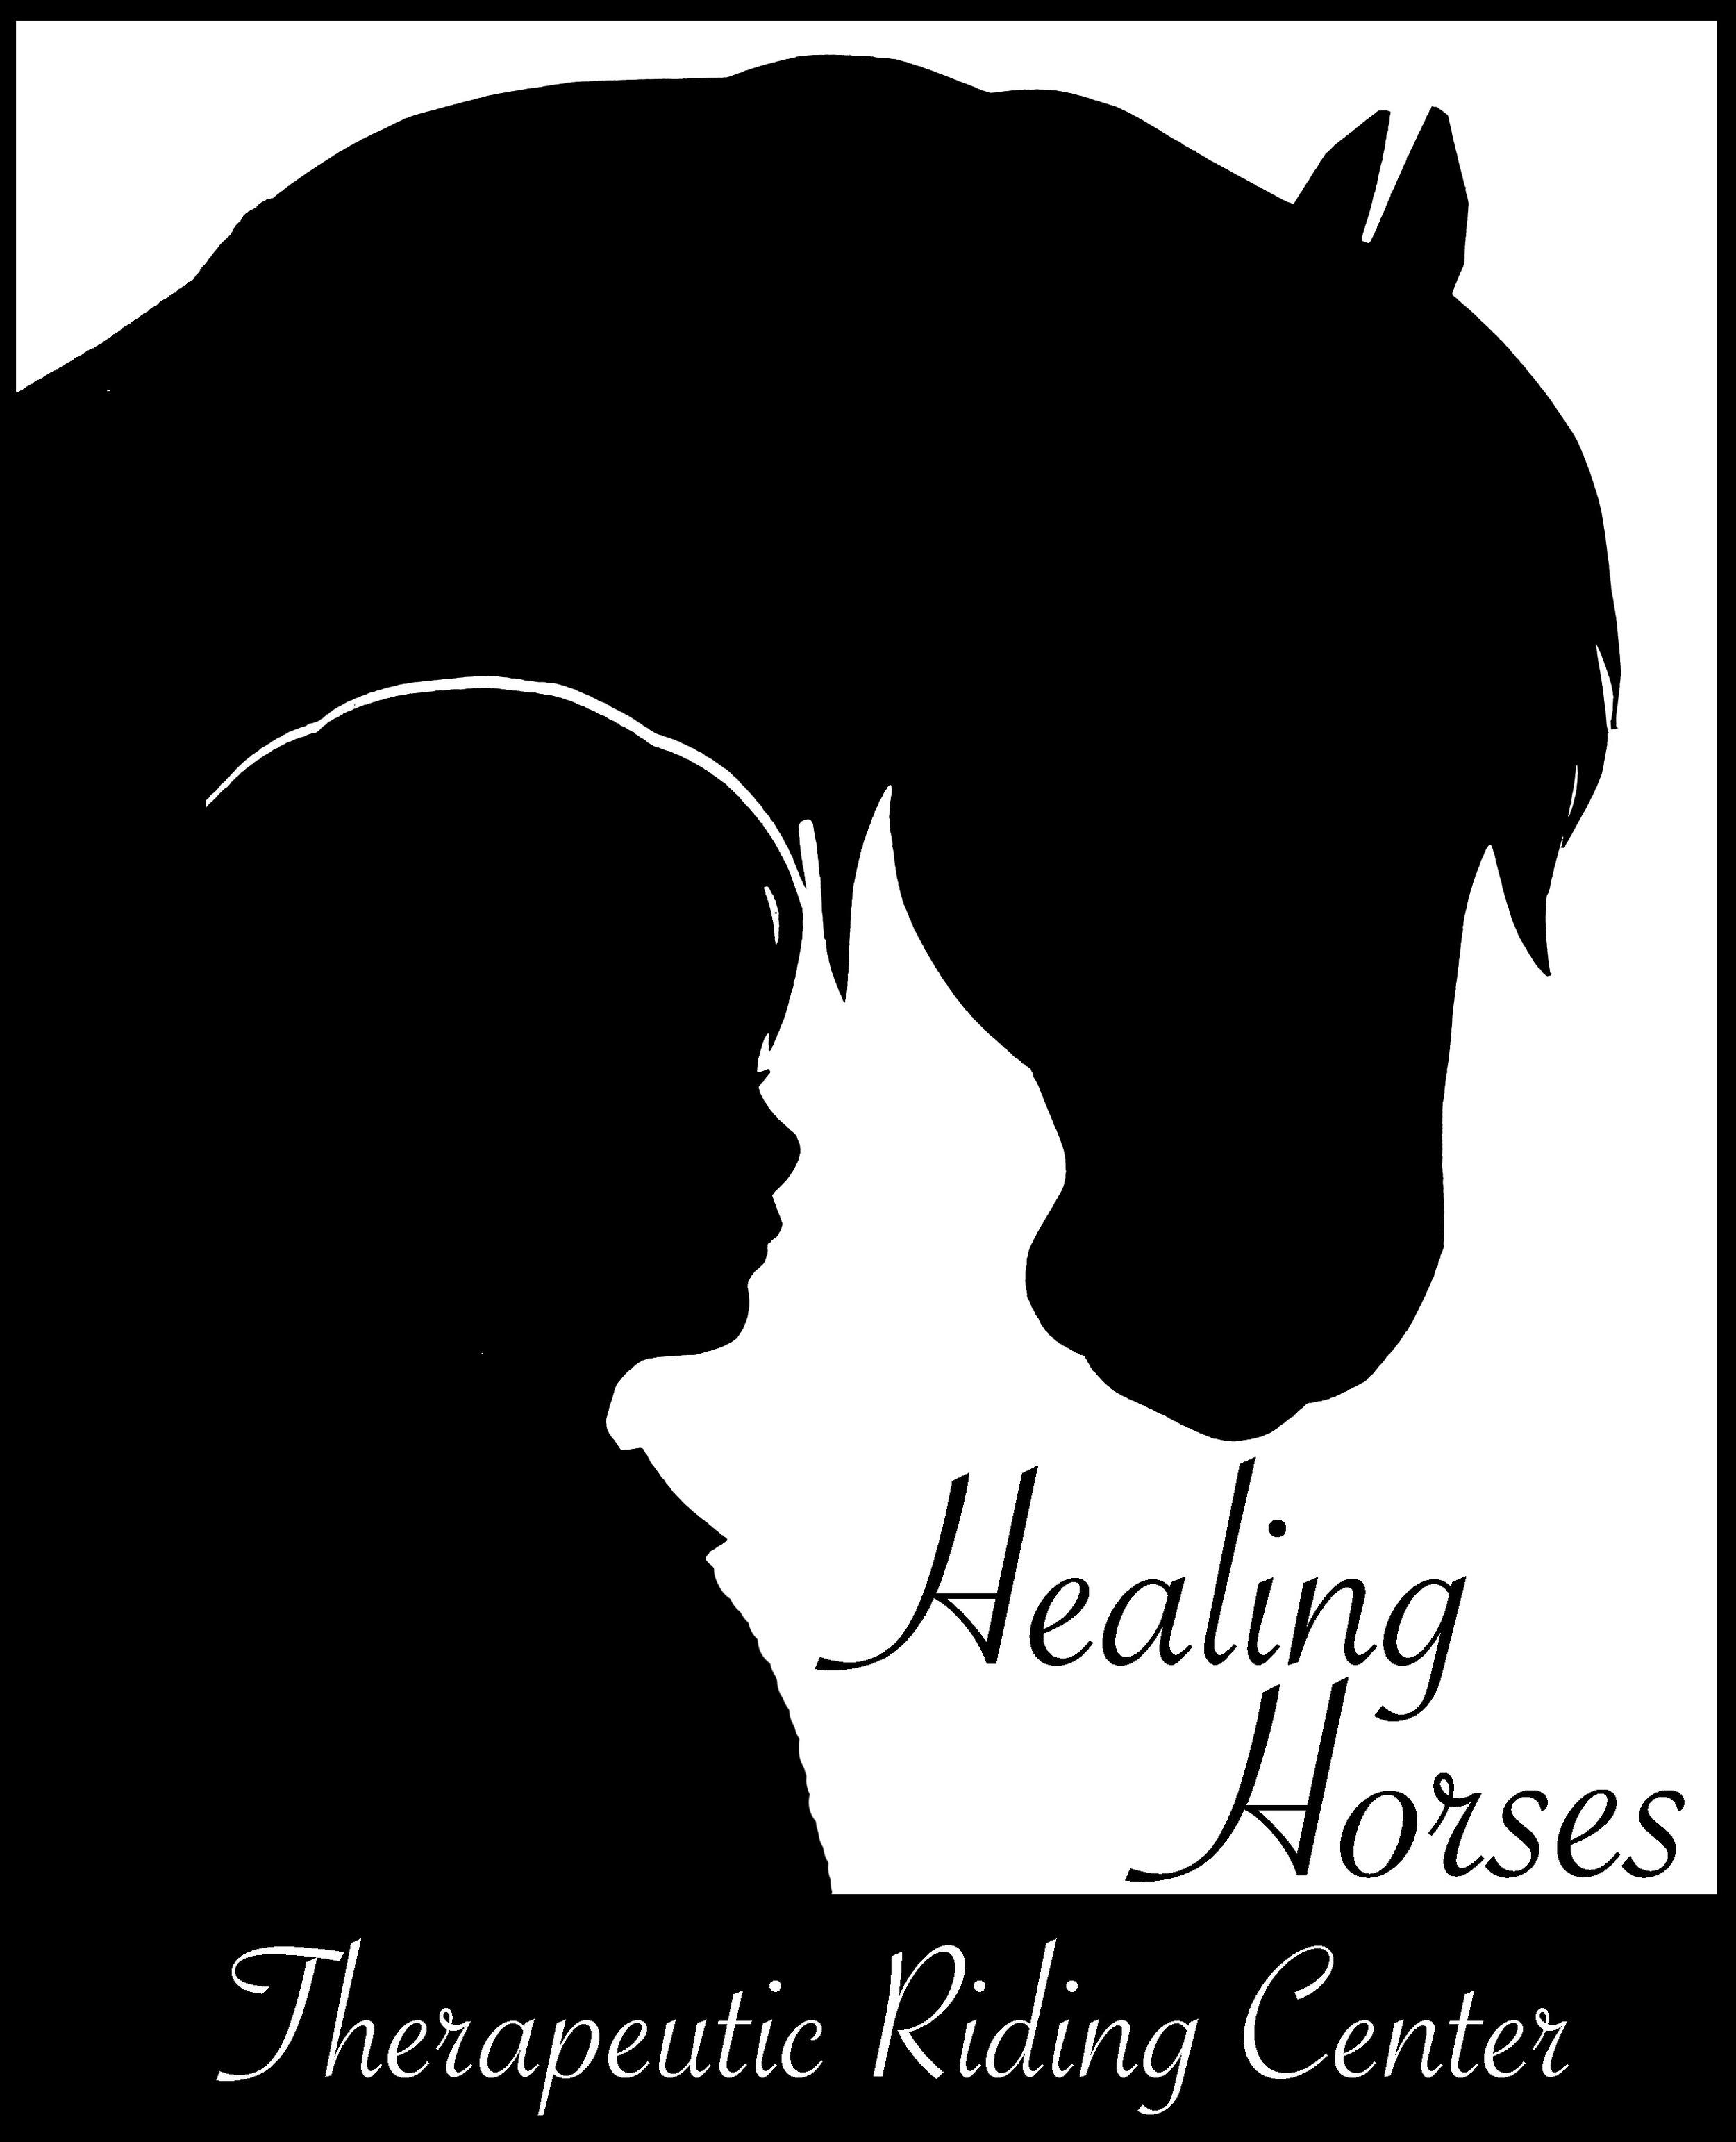 healing horses3 copy.jpg